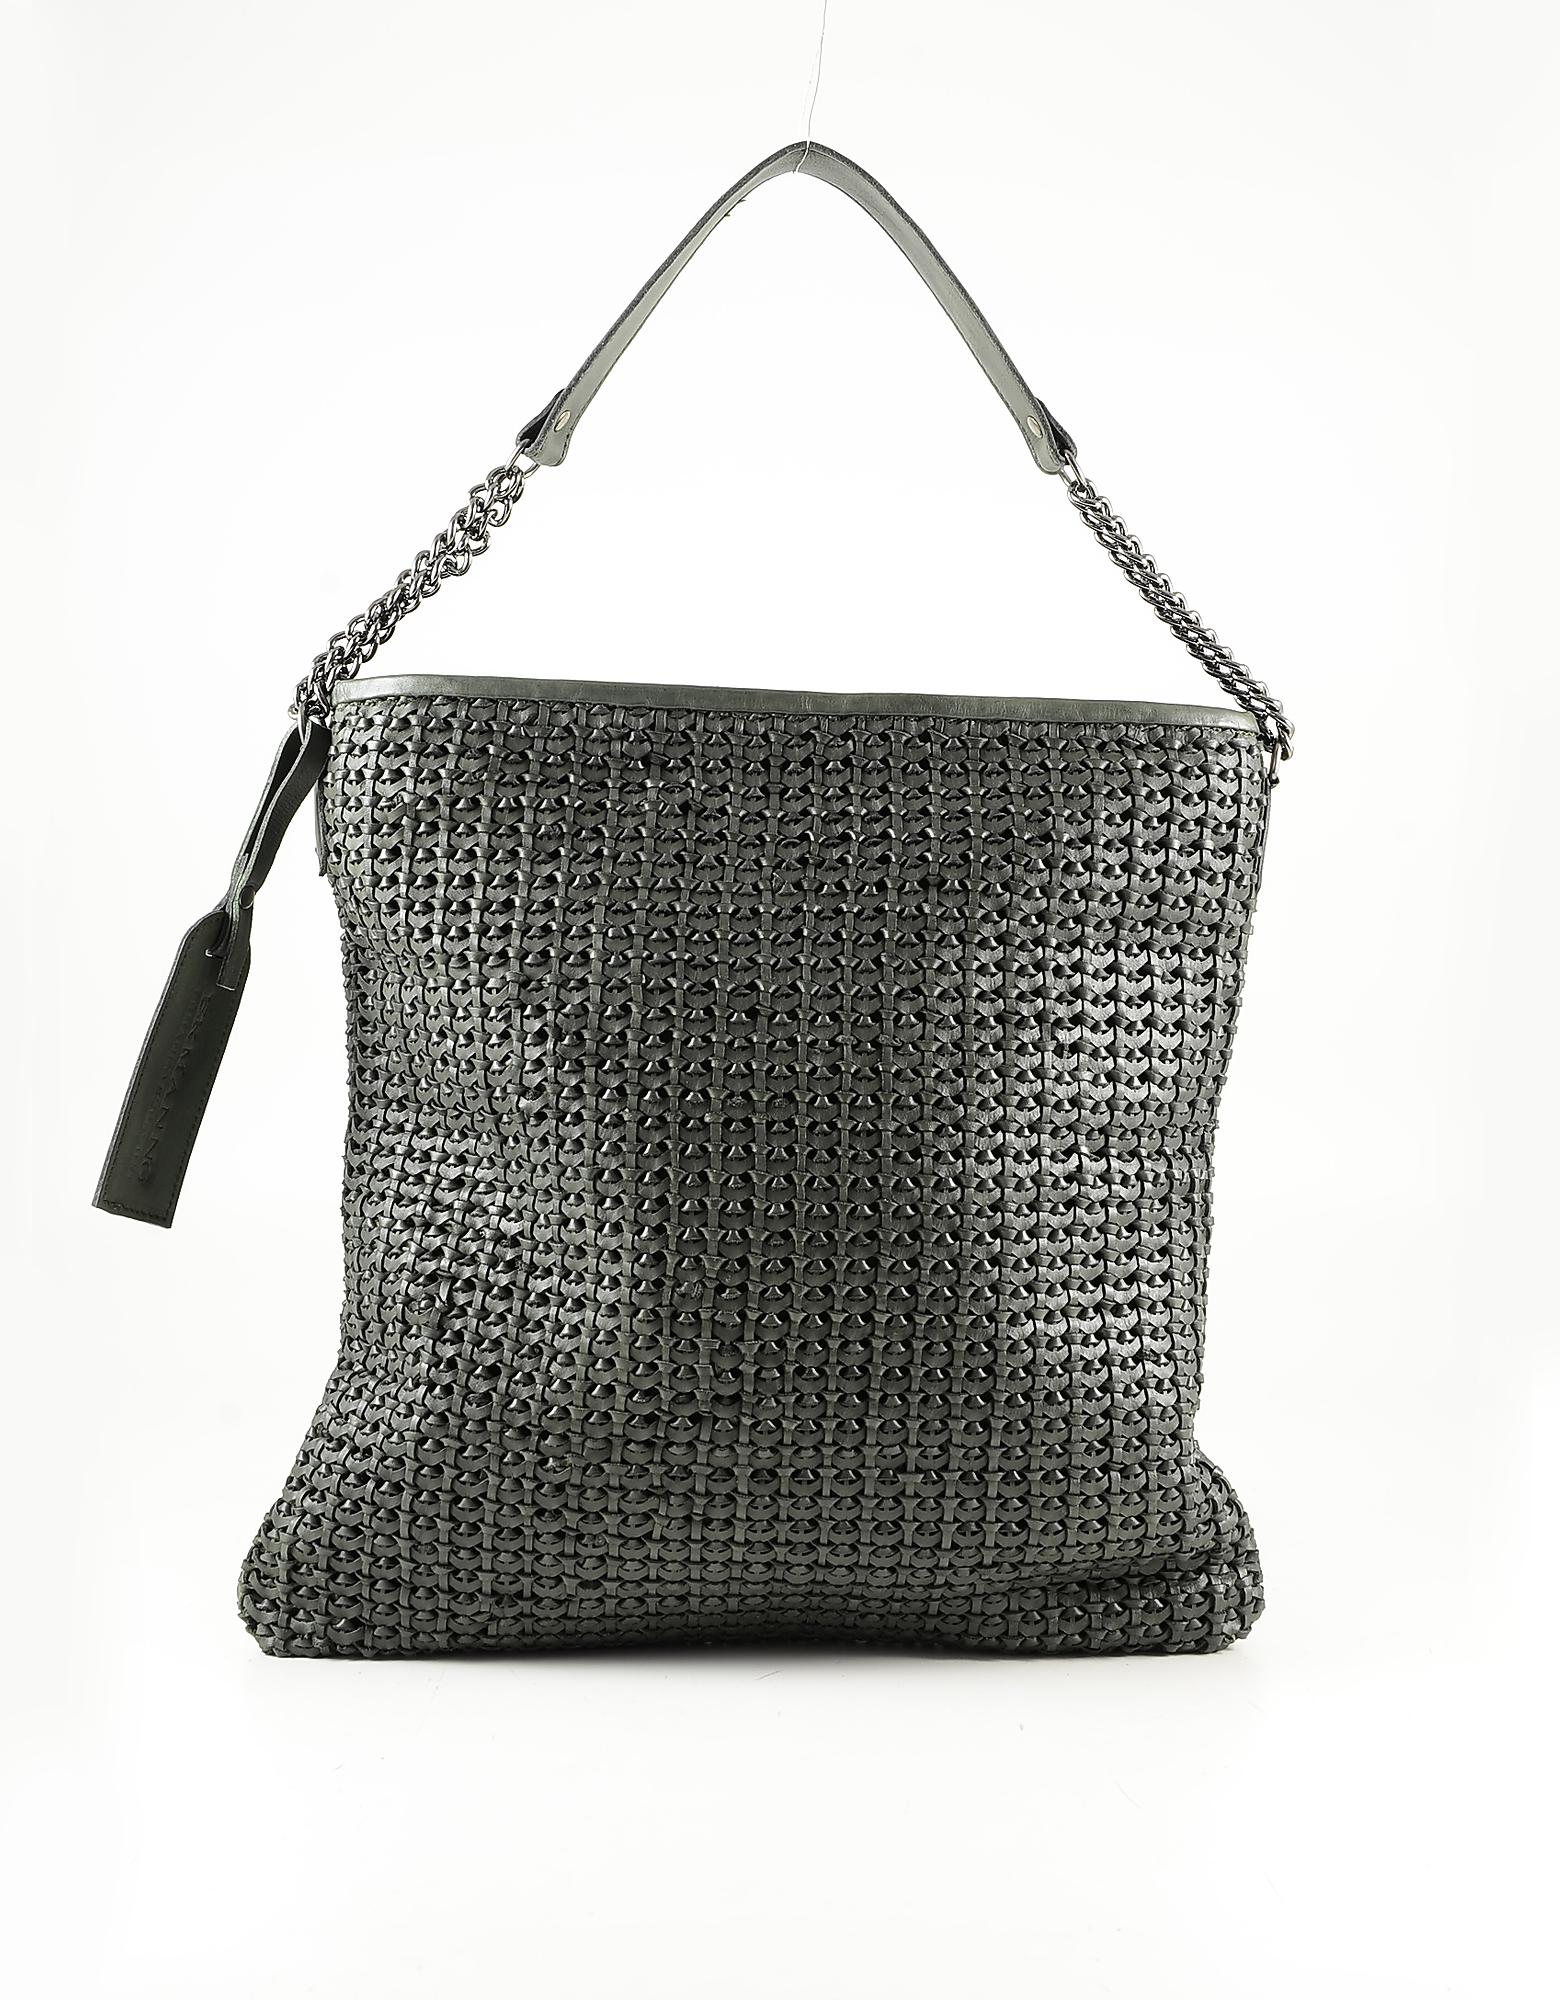 Ermanno Scervino Green Woven Leather Shoulder Bag